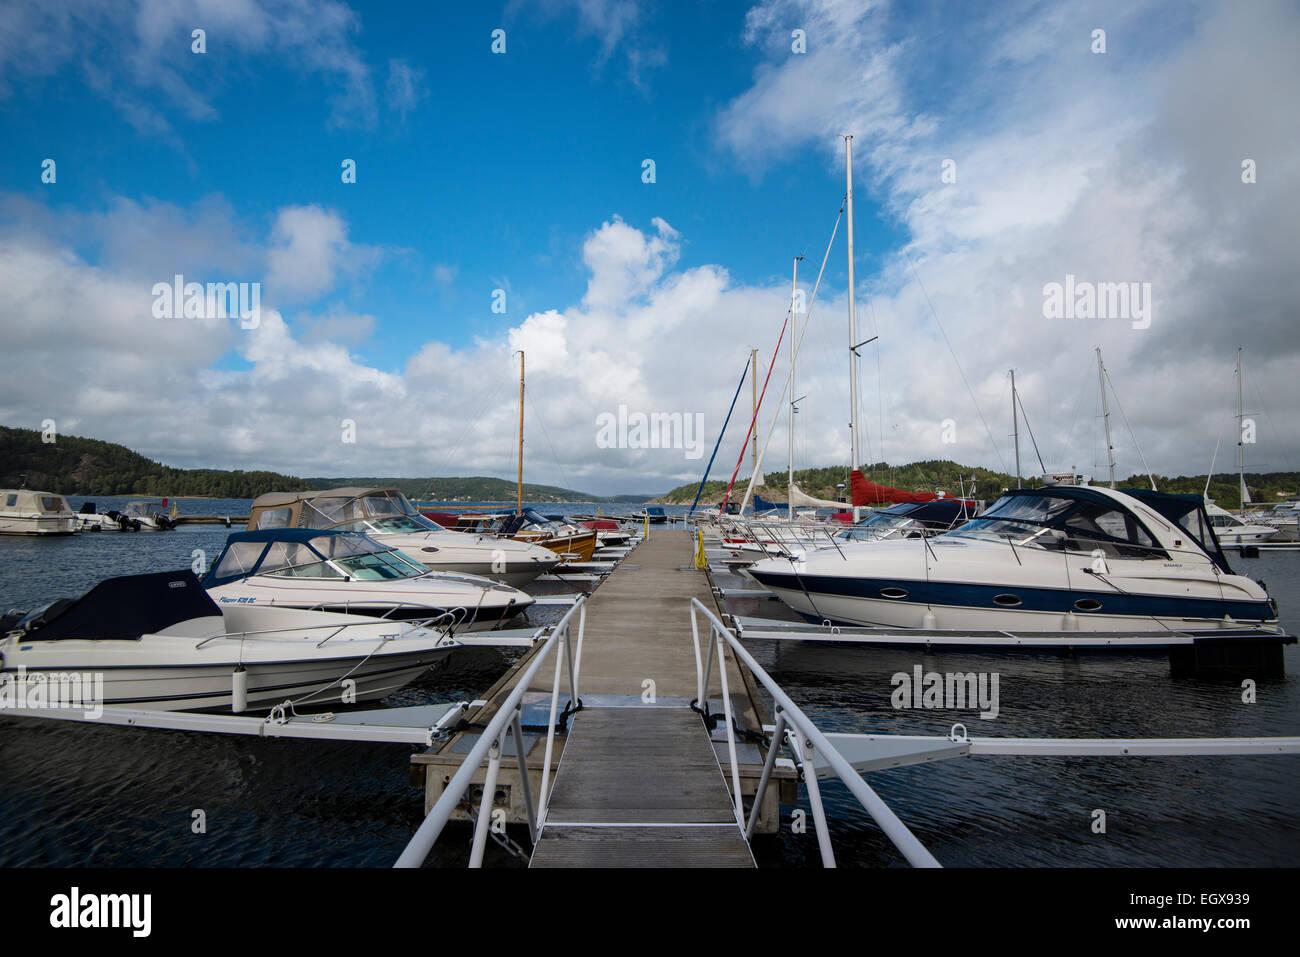 Harbour at Orust, boats, Västra Götalands län, Bohuslän, Scandinavia, Sweden - Stock Image